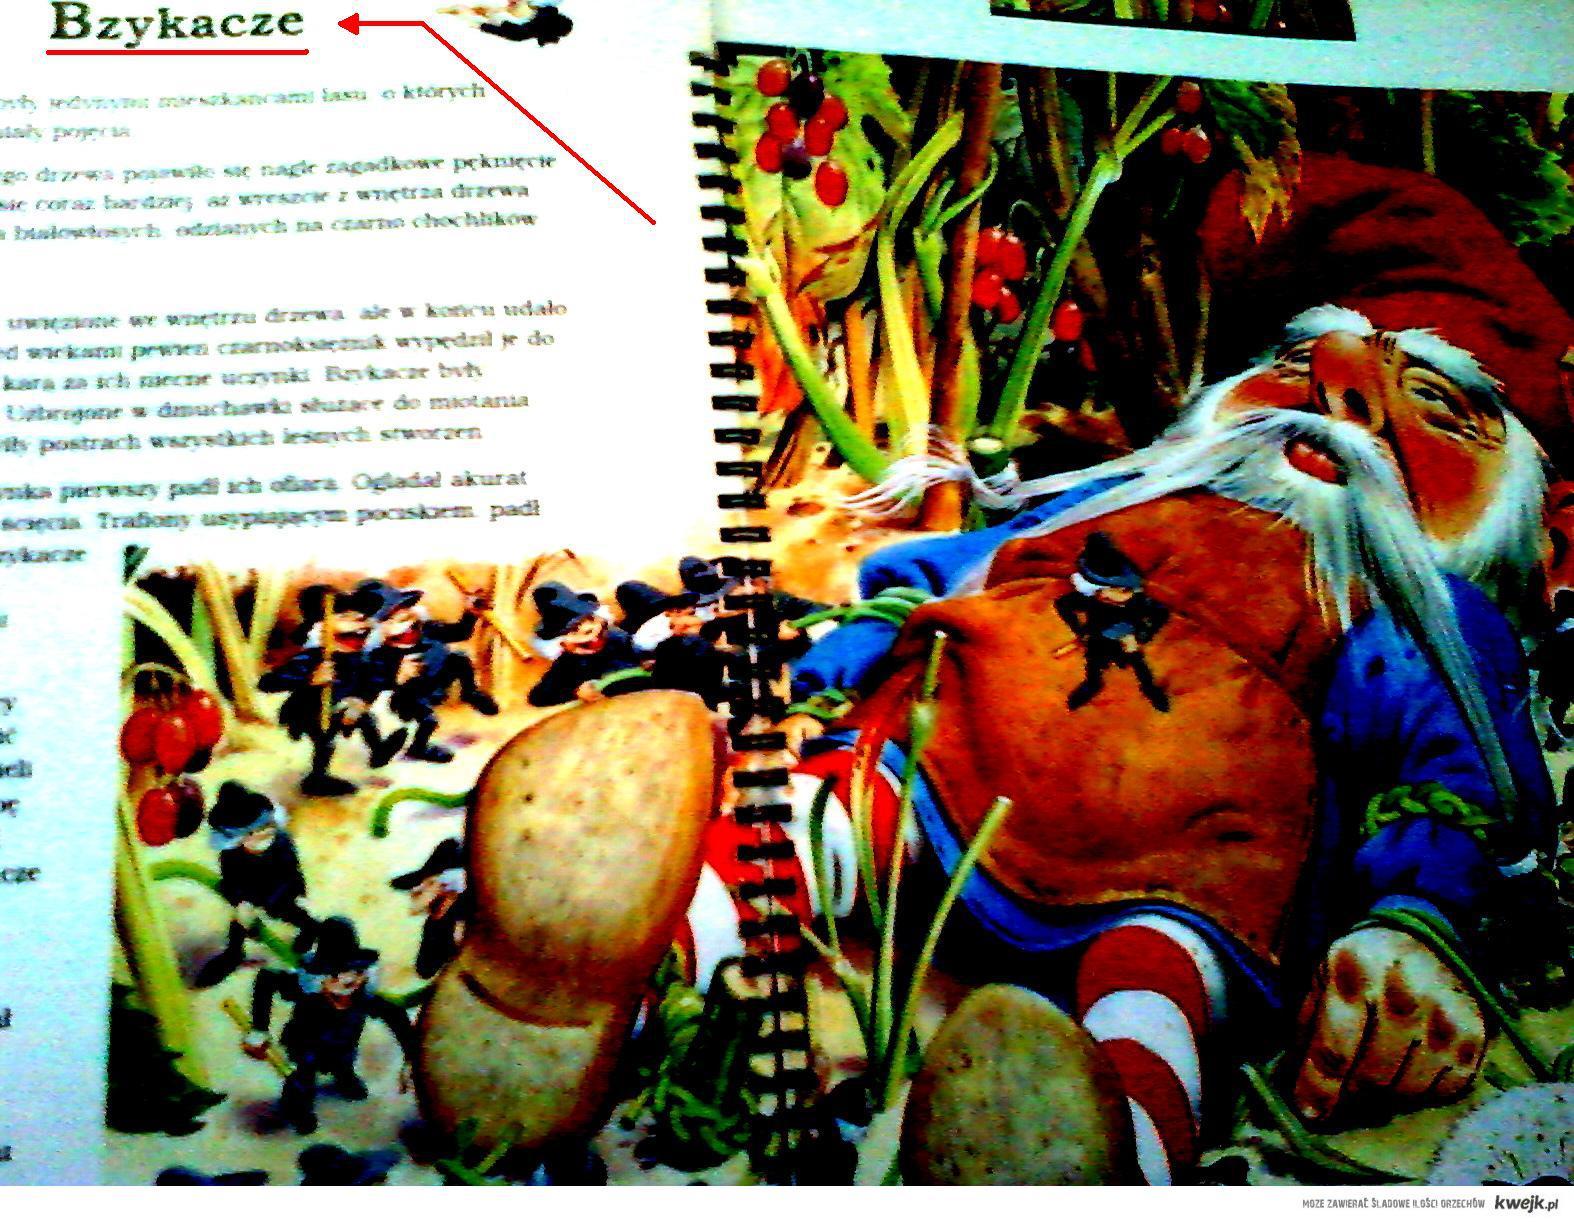 Książeczka dla dziecka, taa.. XXI w :D